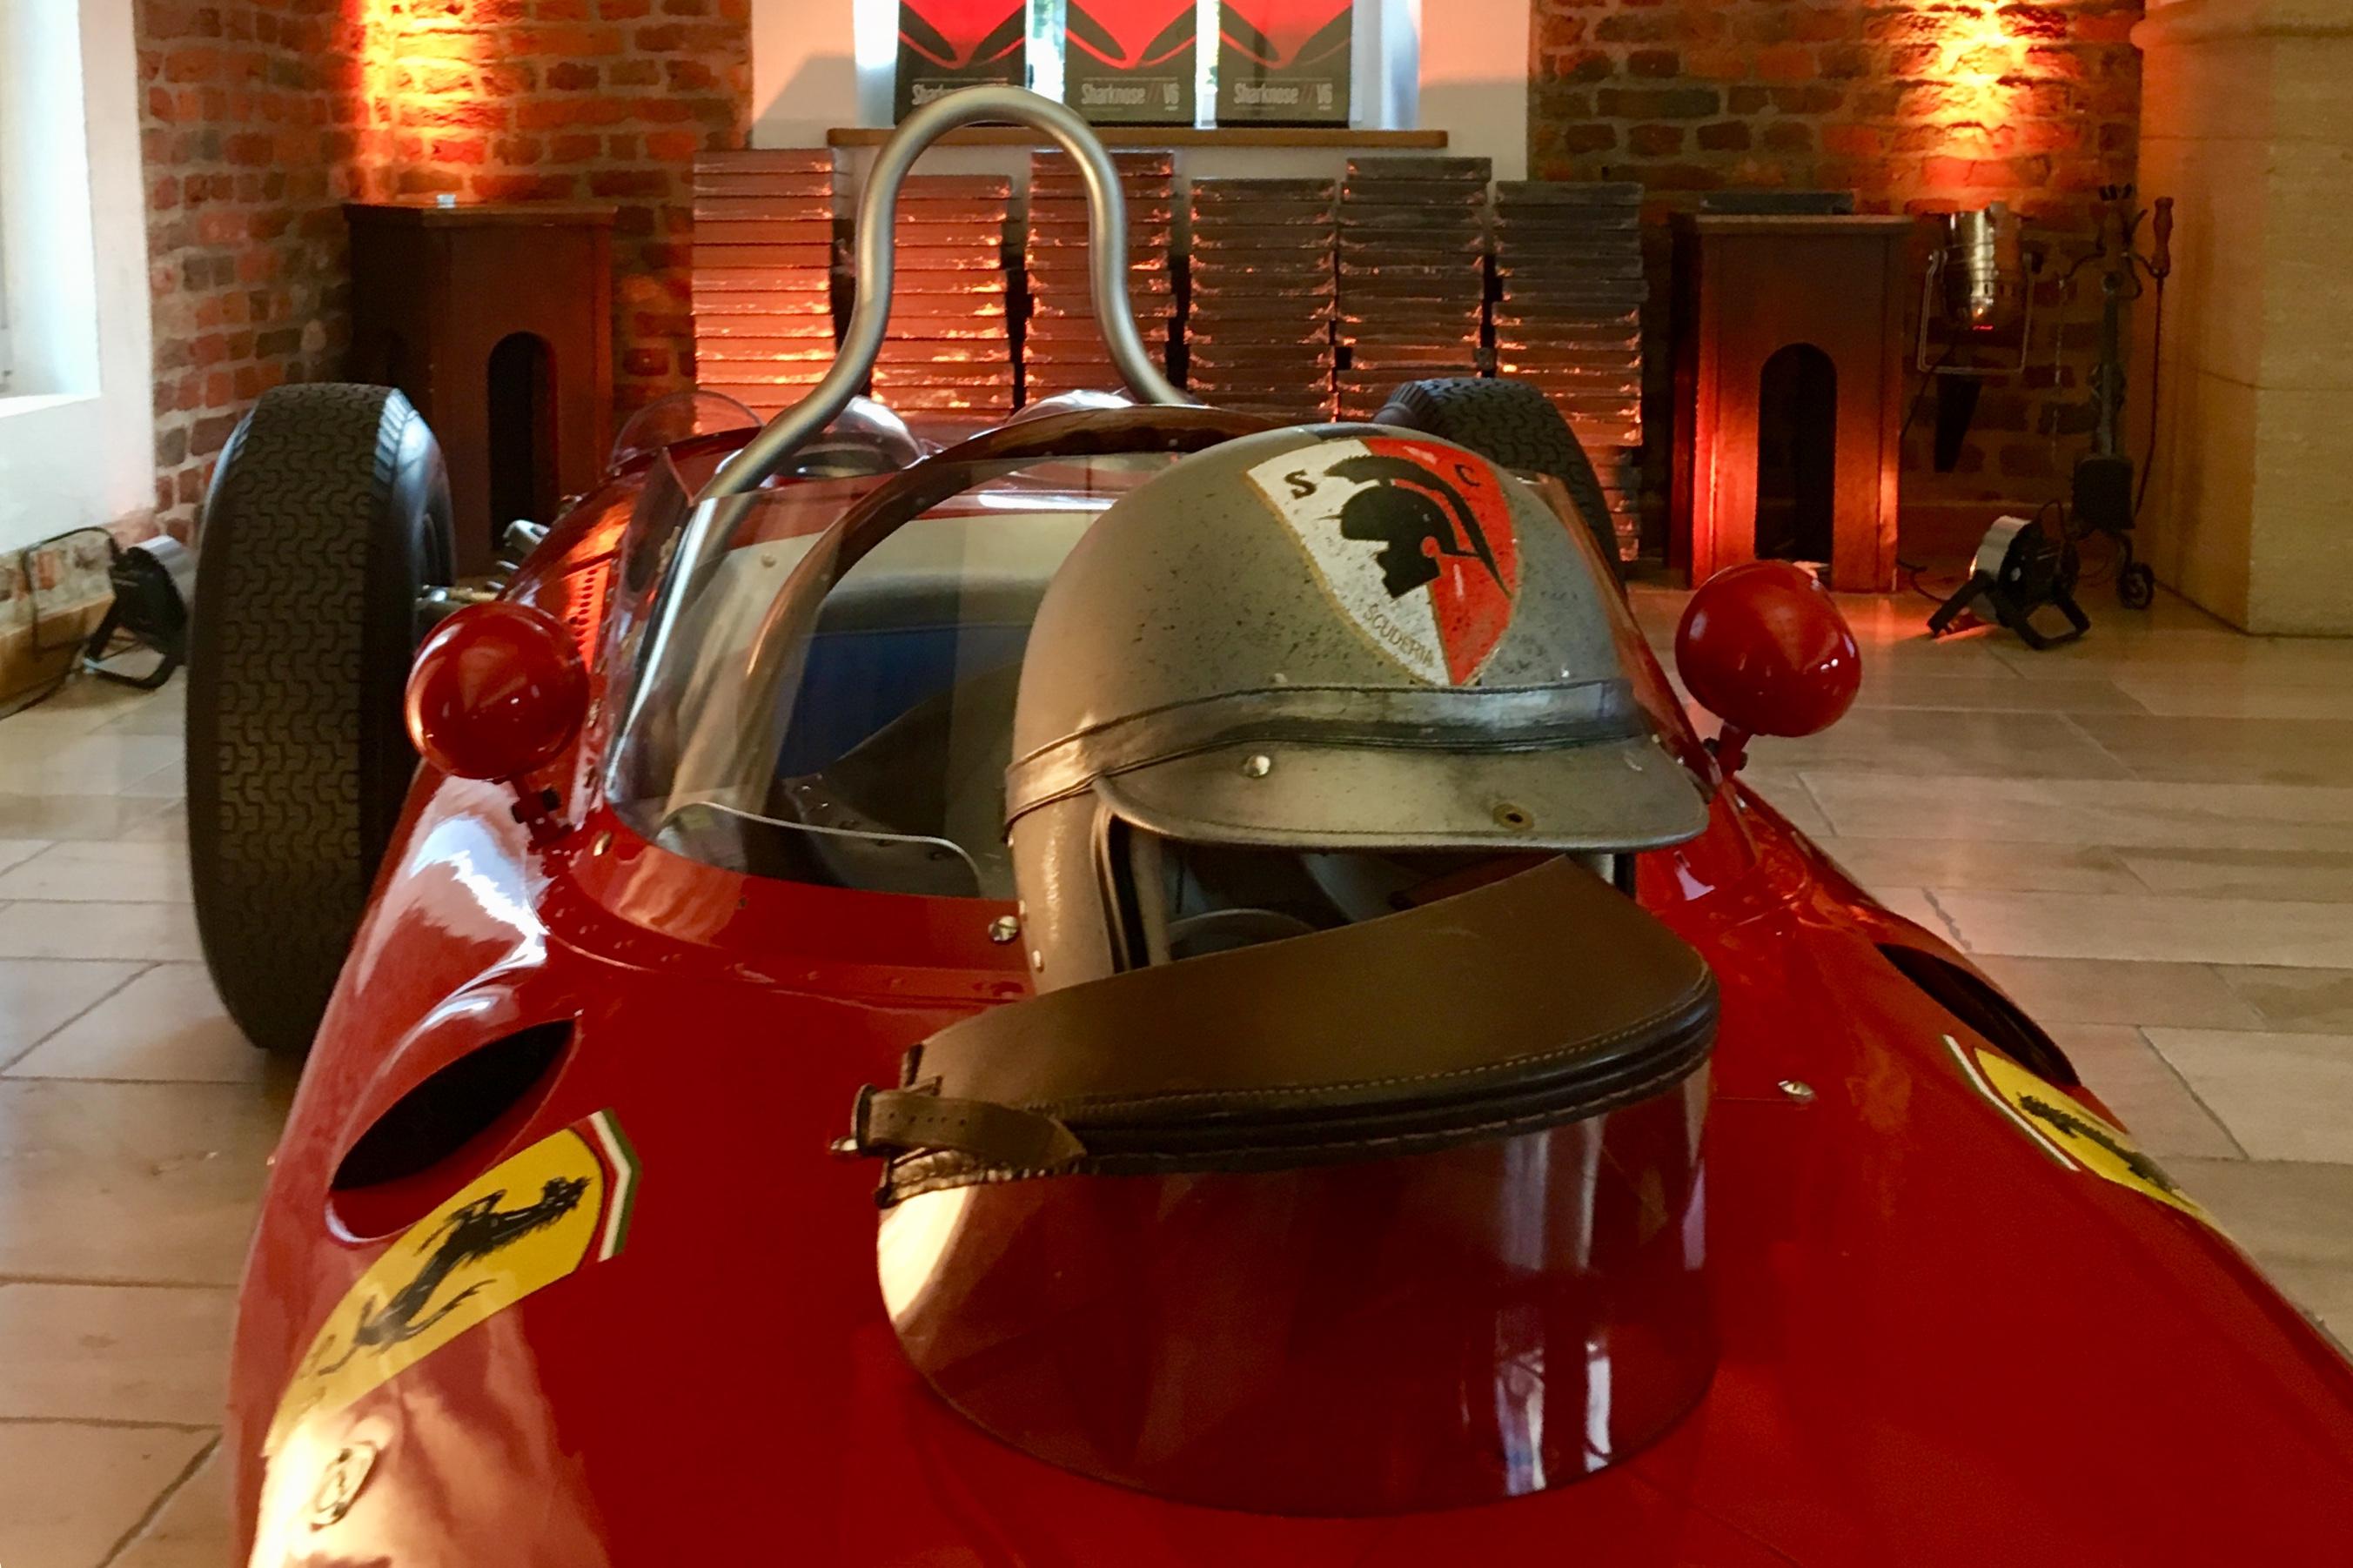 Helm von Trips